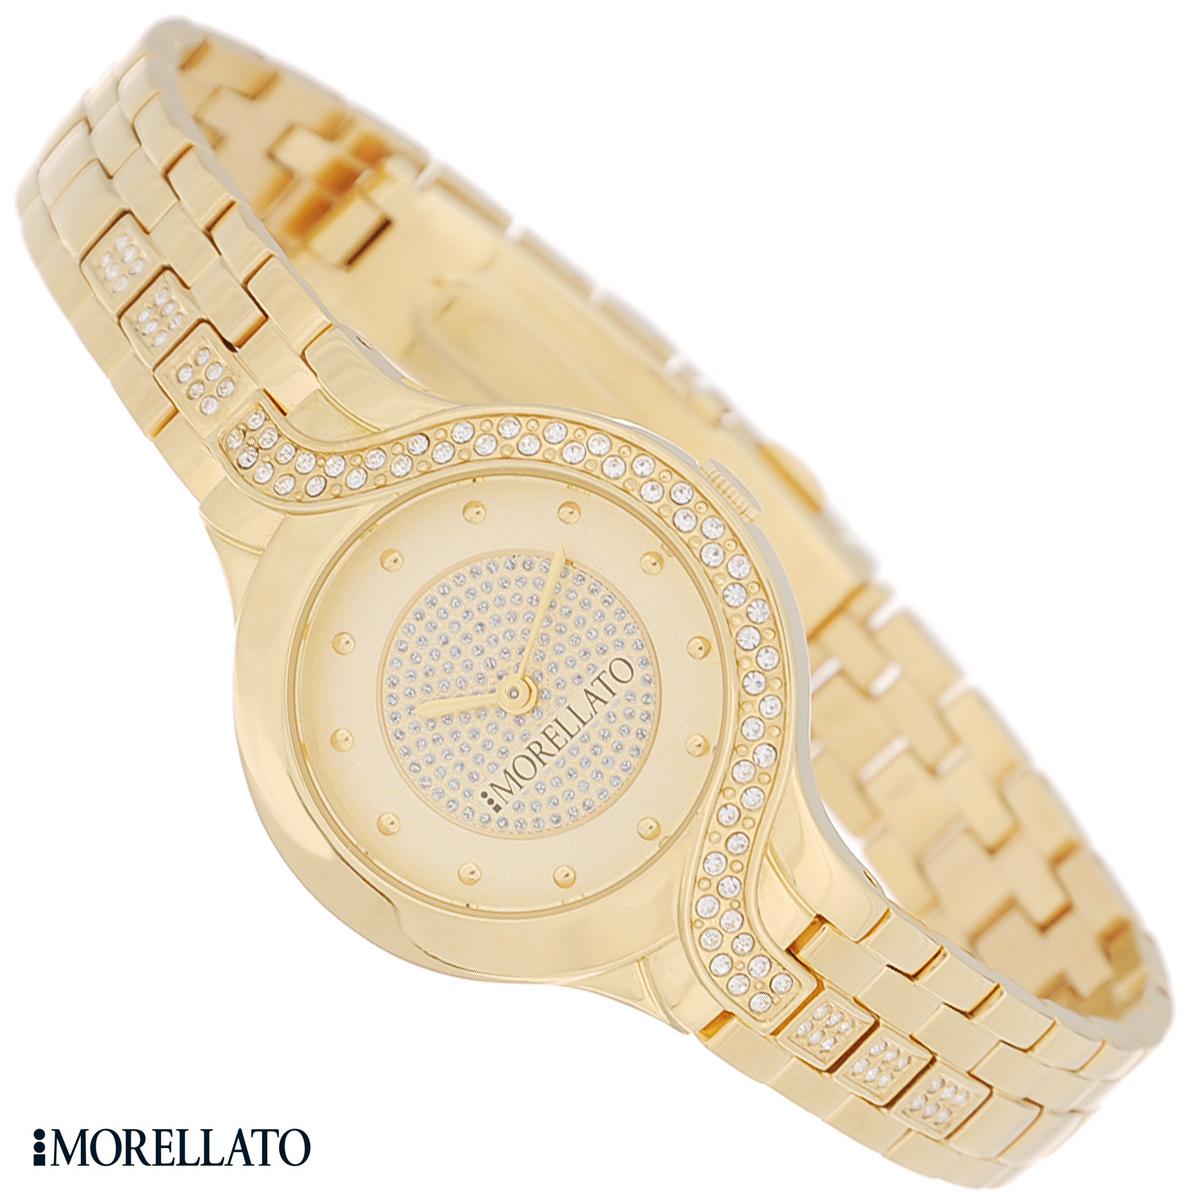 Часы женские наручные Morellato, цвет: золотой. R0153117504R0153117504Наручные женские часы Morellato оснащены кварцевым механизмом. Корпус выполнен из высококачественной нержавеющей стали с PVD-покрытием и декорирован кристаллами. Циферблат с отметками защищен минеральным стеклом и оформлен кристаллами. Часы имеют две стрелки - часовую и минутную. Браслет часов выполнен из нержавеющей стали с PVD-покрытием и оснащен раскладывающейся застежкой-клипсой. Часы укомплектованы паспортом с подробной инструкцией. Часы Morellato отличаются уникальным, но в то же время простым и лаконичным стилем. Характеристики: Диаметр циферблата: 2,3 см. Размер корпуса: 3 см х 3,6 см х 0,7 см. Длина браслета (с корпусом): 26 см. Ширина браслета: 1,3 см.